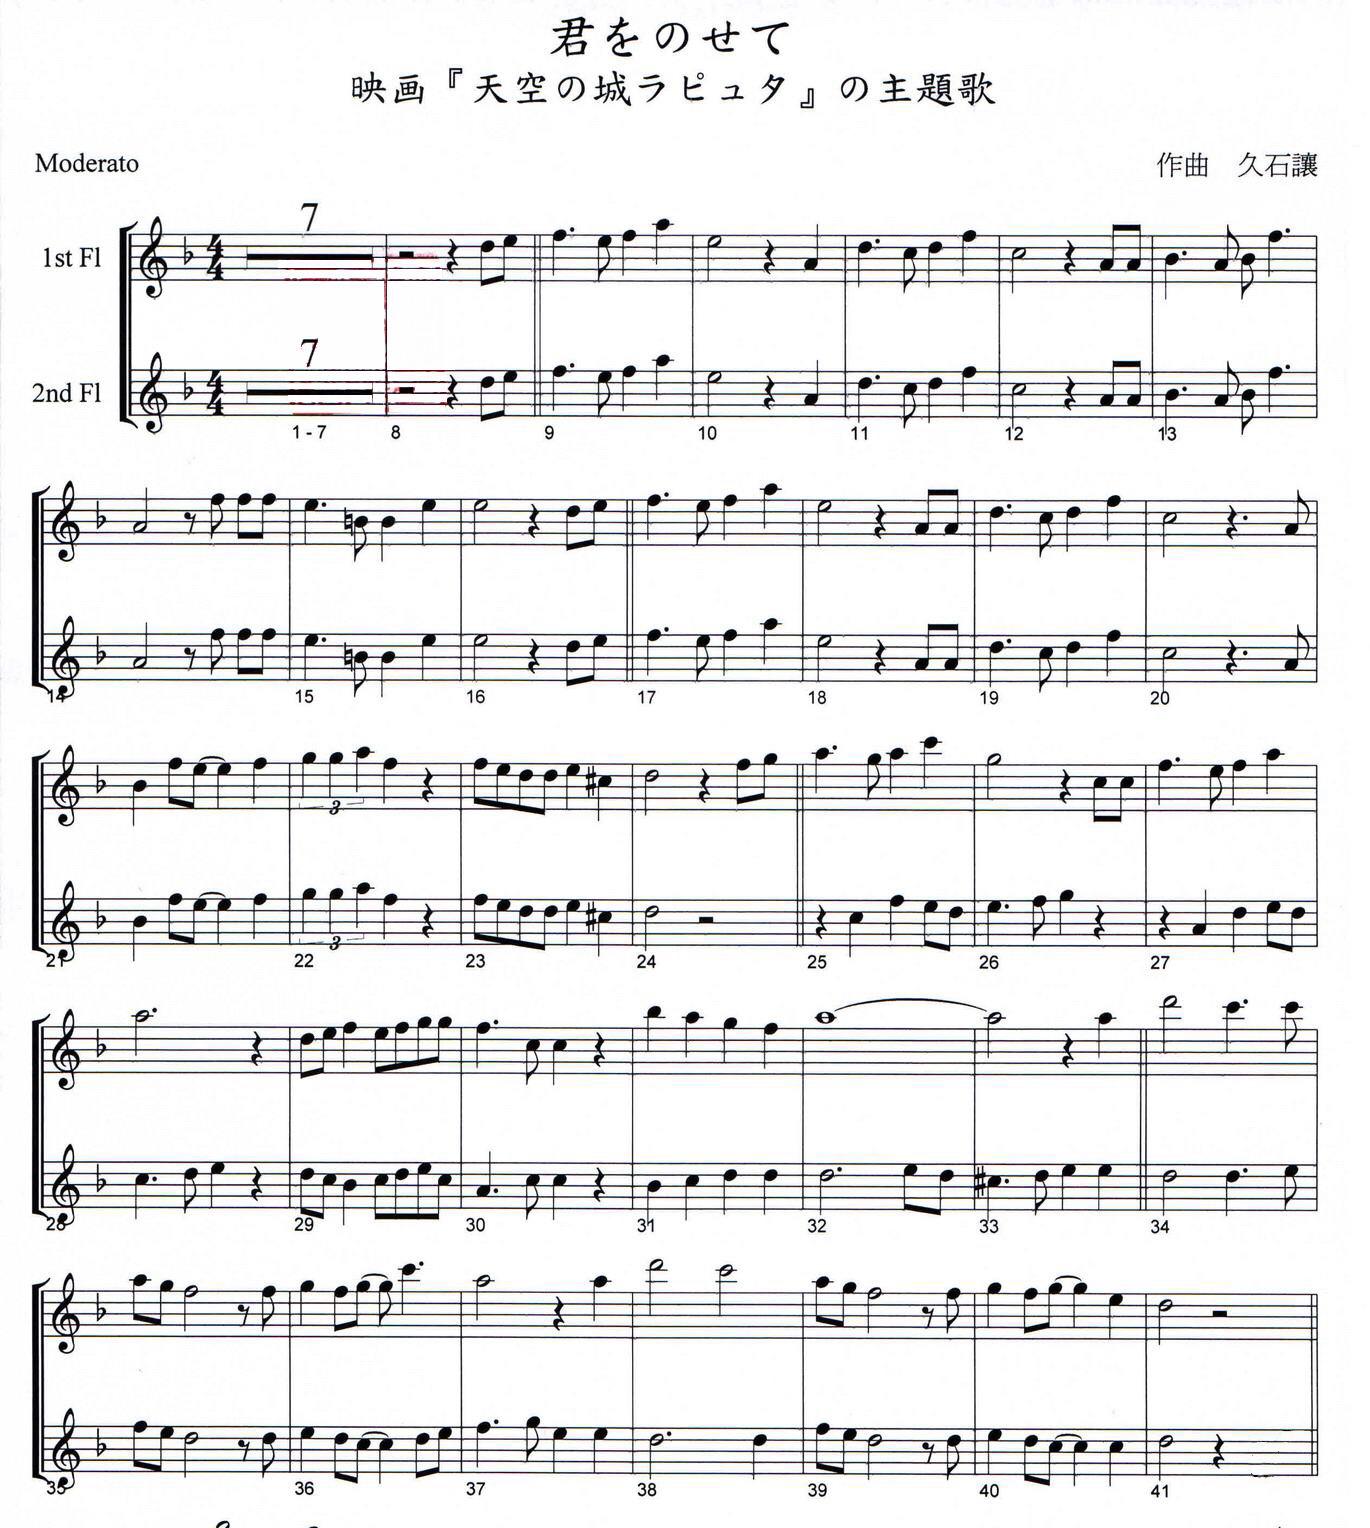 天空之城 长笛二重奏 附乐谱下载